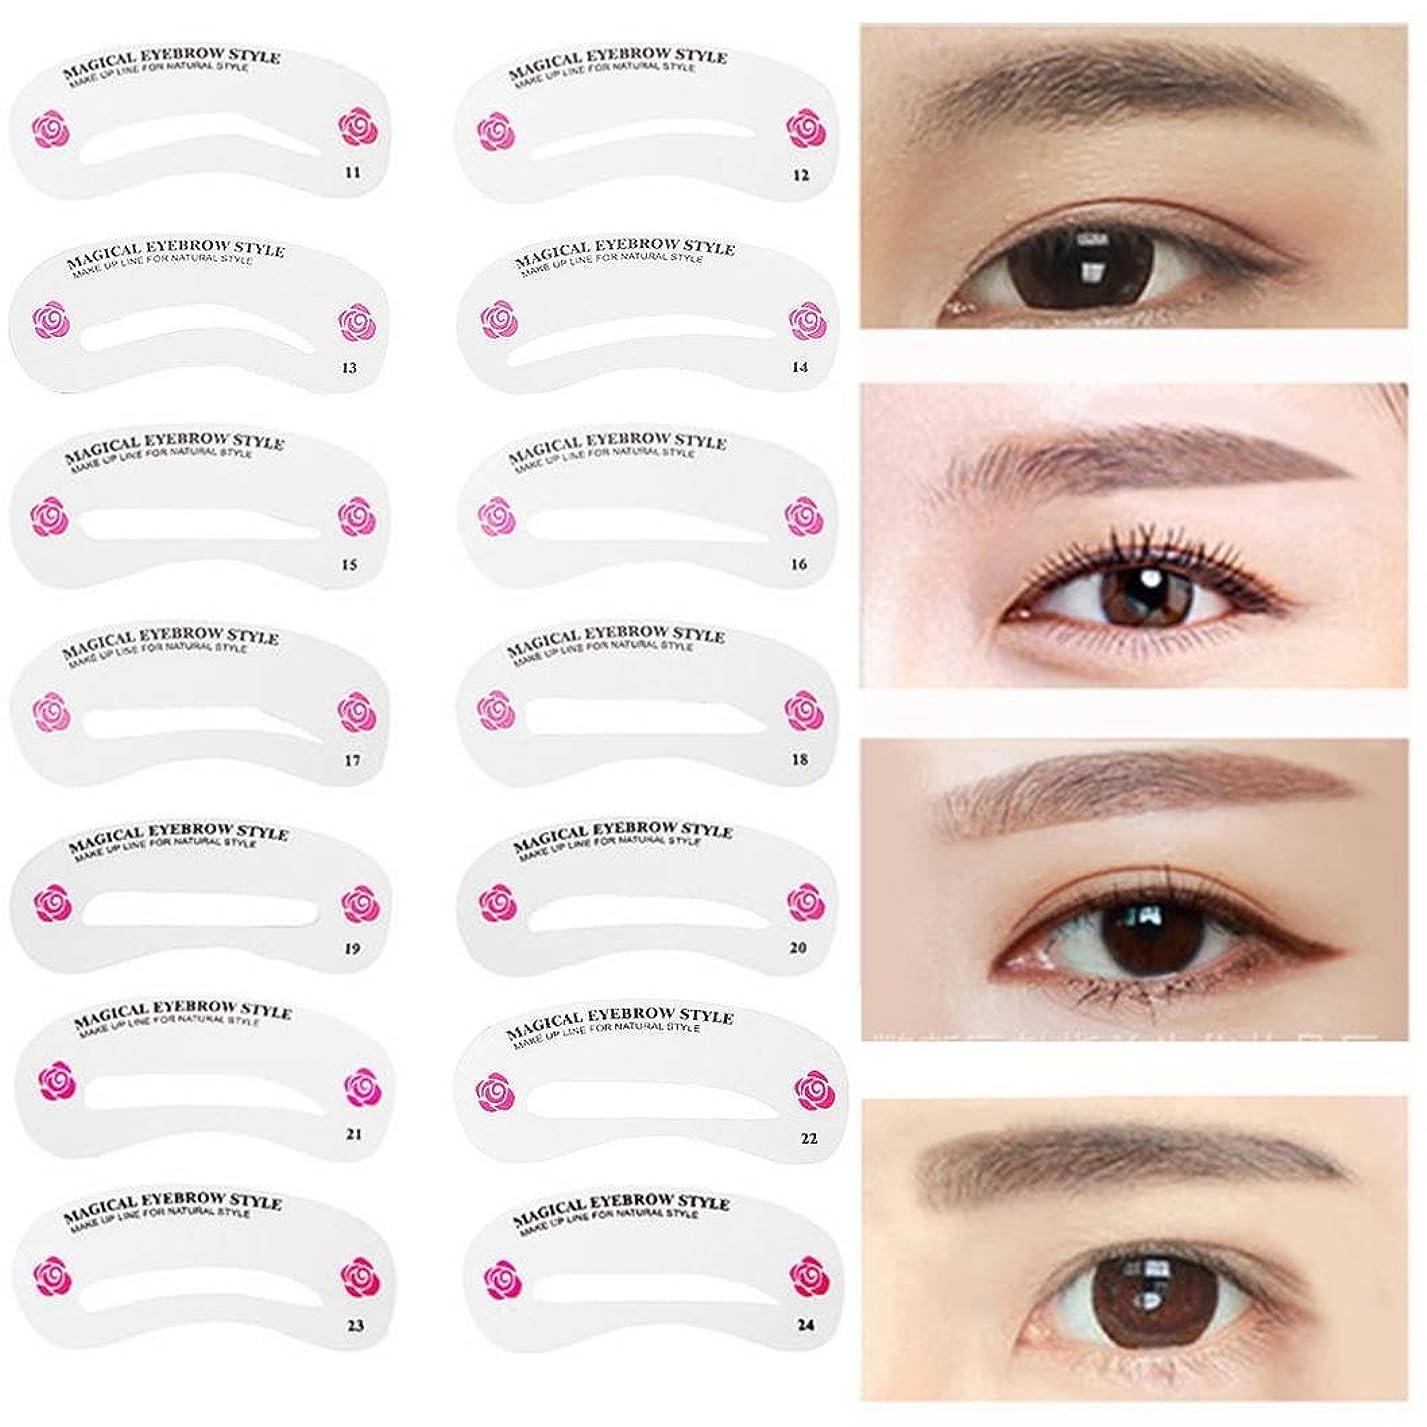 純粋な従順な海港MNoel 24種類 眉毛テンプレート24枚セット 太眉対応 24パターン 眉毛を気分で使い分け 眉用ステンシル